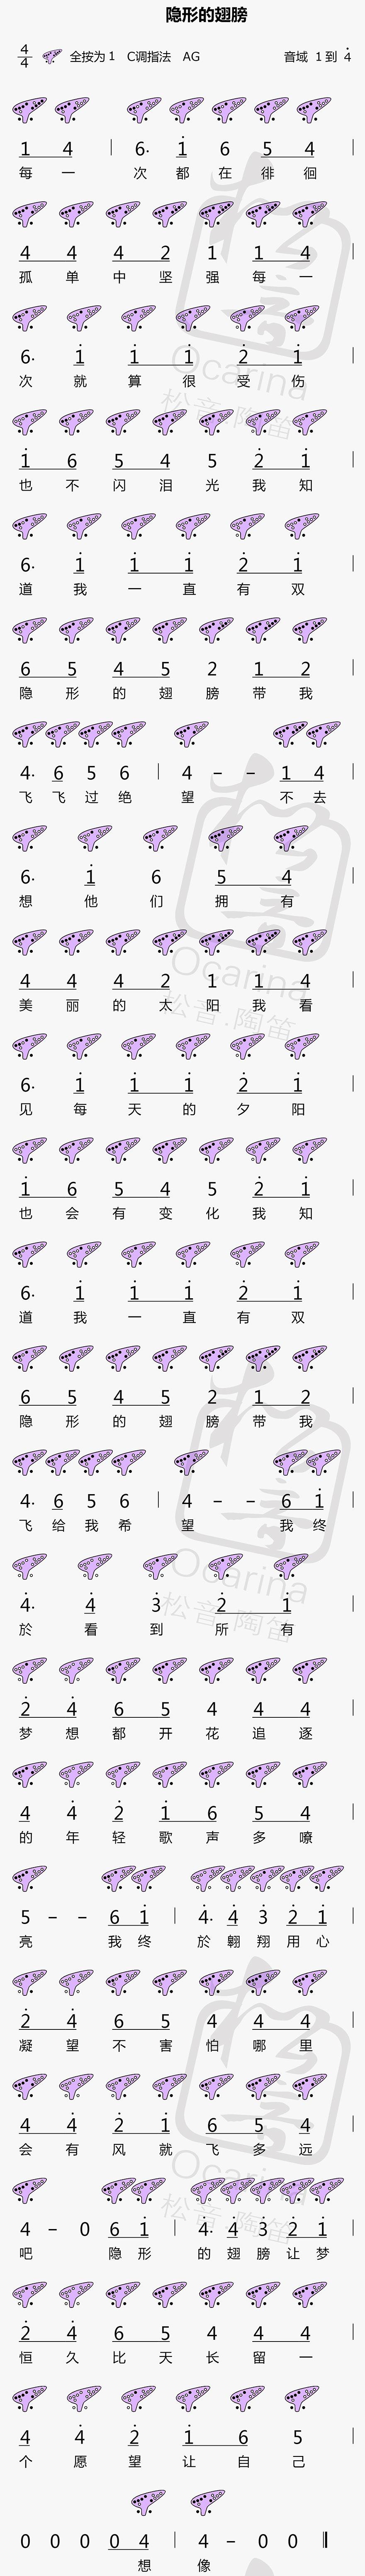 《隐形的翅膀》12孔陶笛曲谱